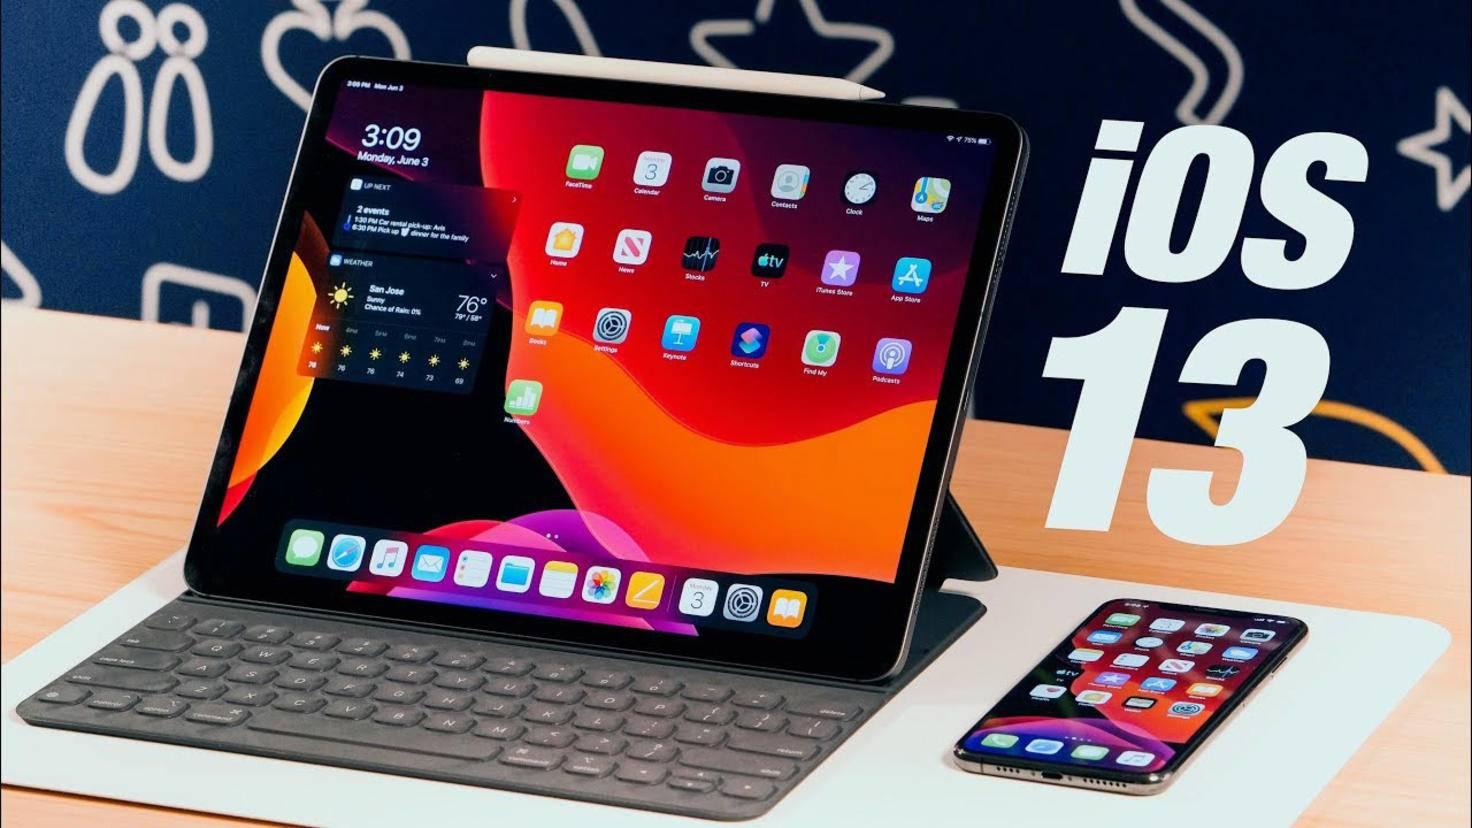 ipad-iphone-ios-13